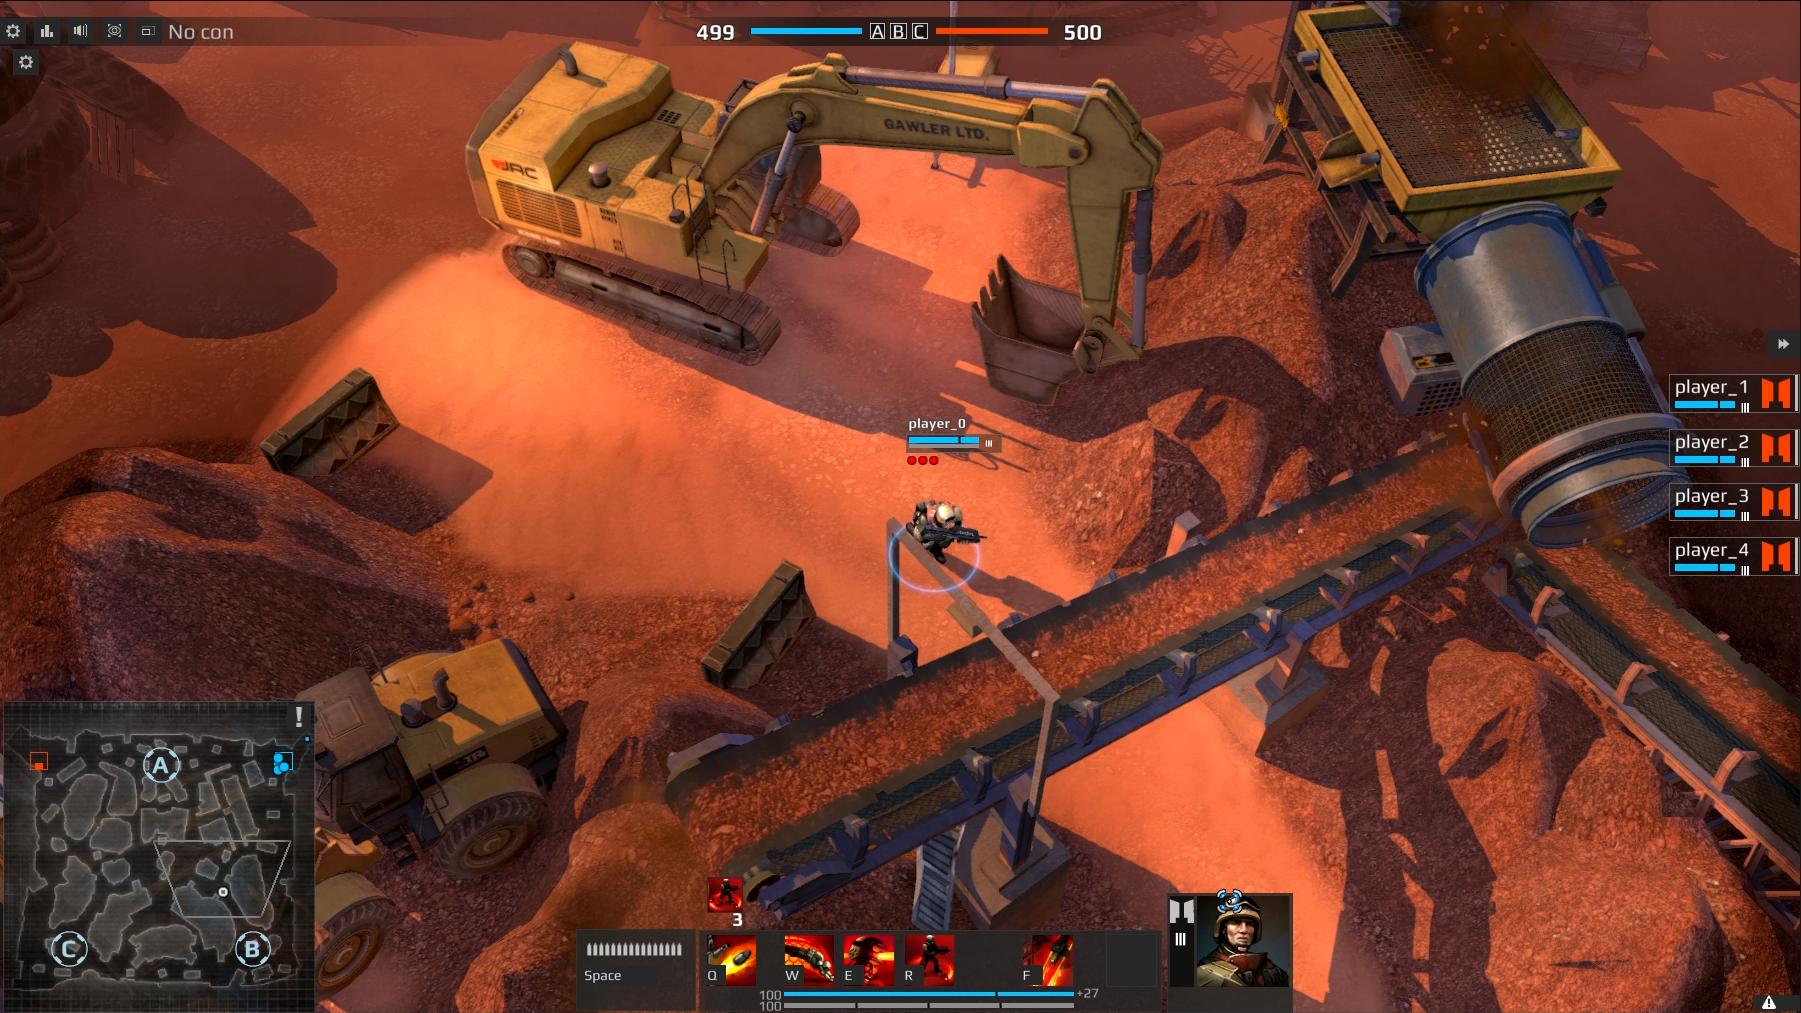 mercelite_desert_mining_map_03